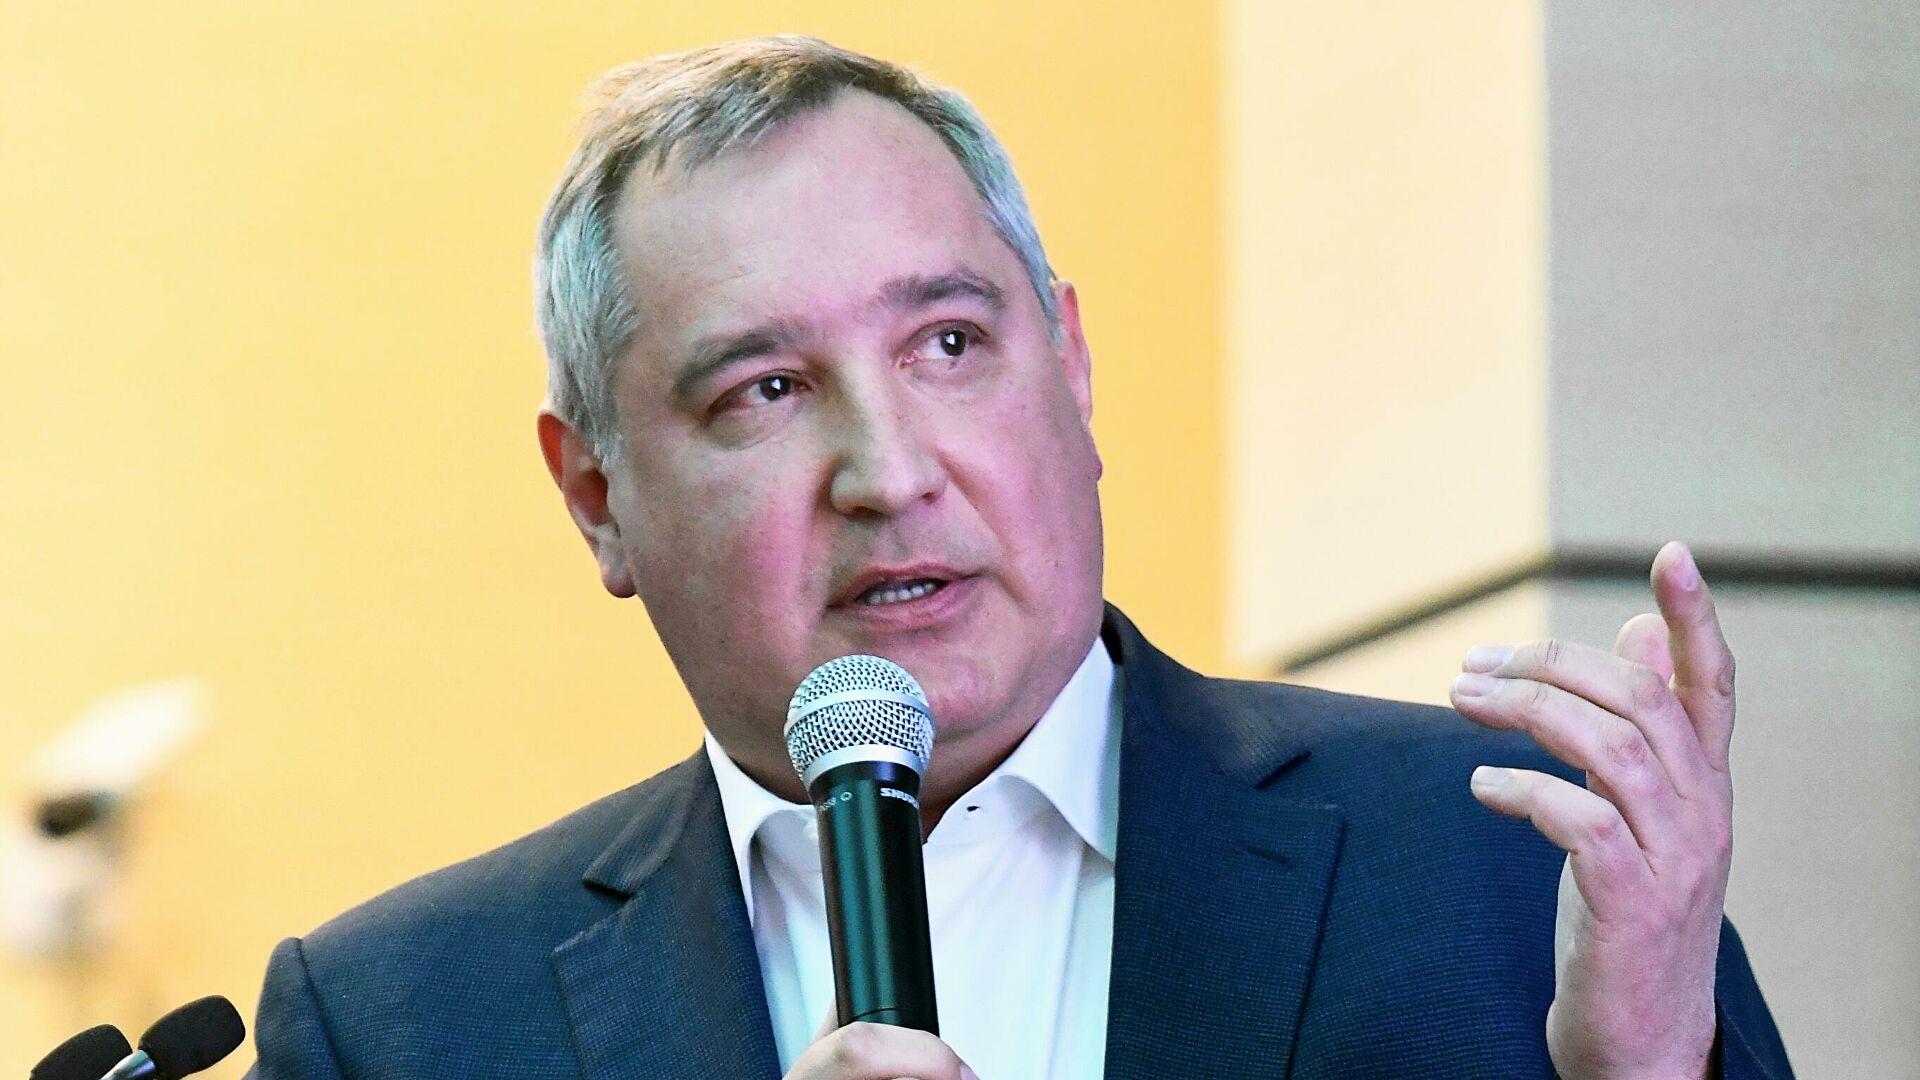 Рогозин почти удвоил свой доход в 2020 году по сравнению с 2019-м